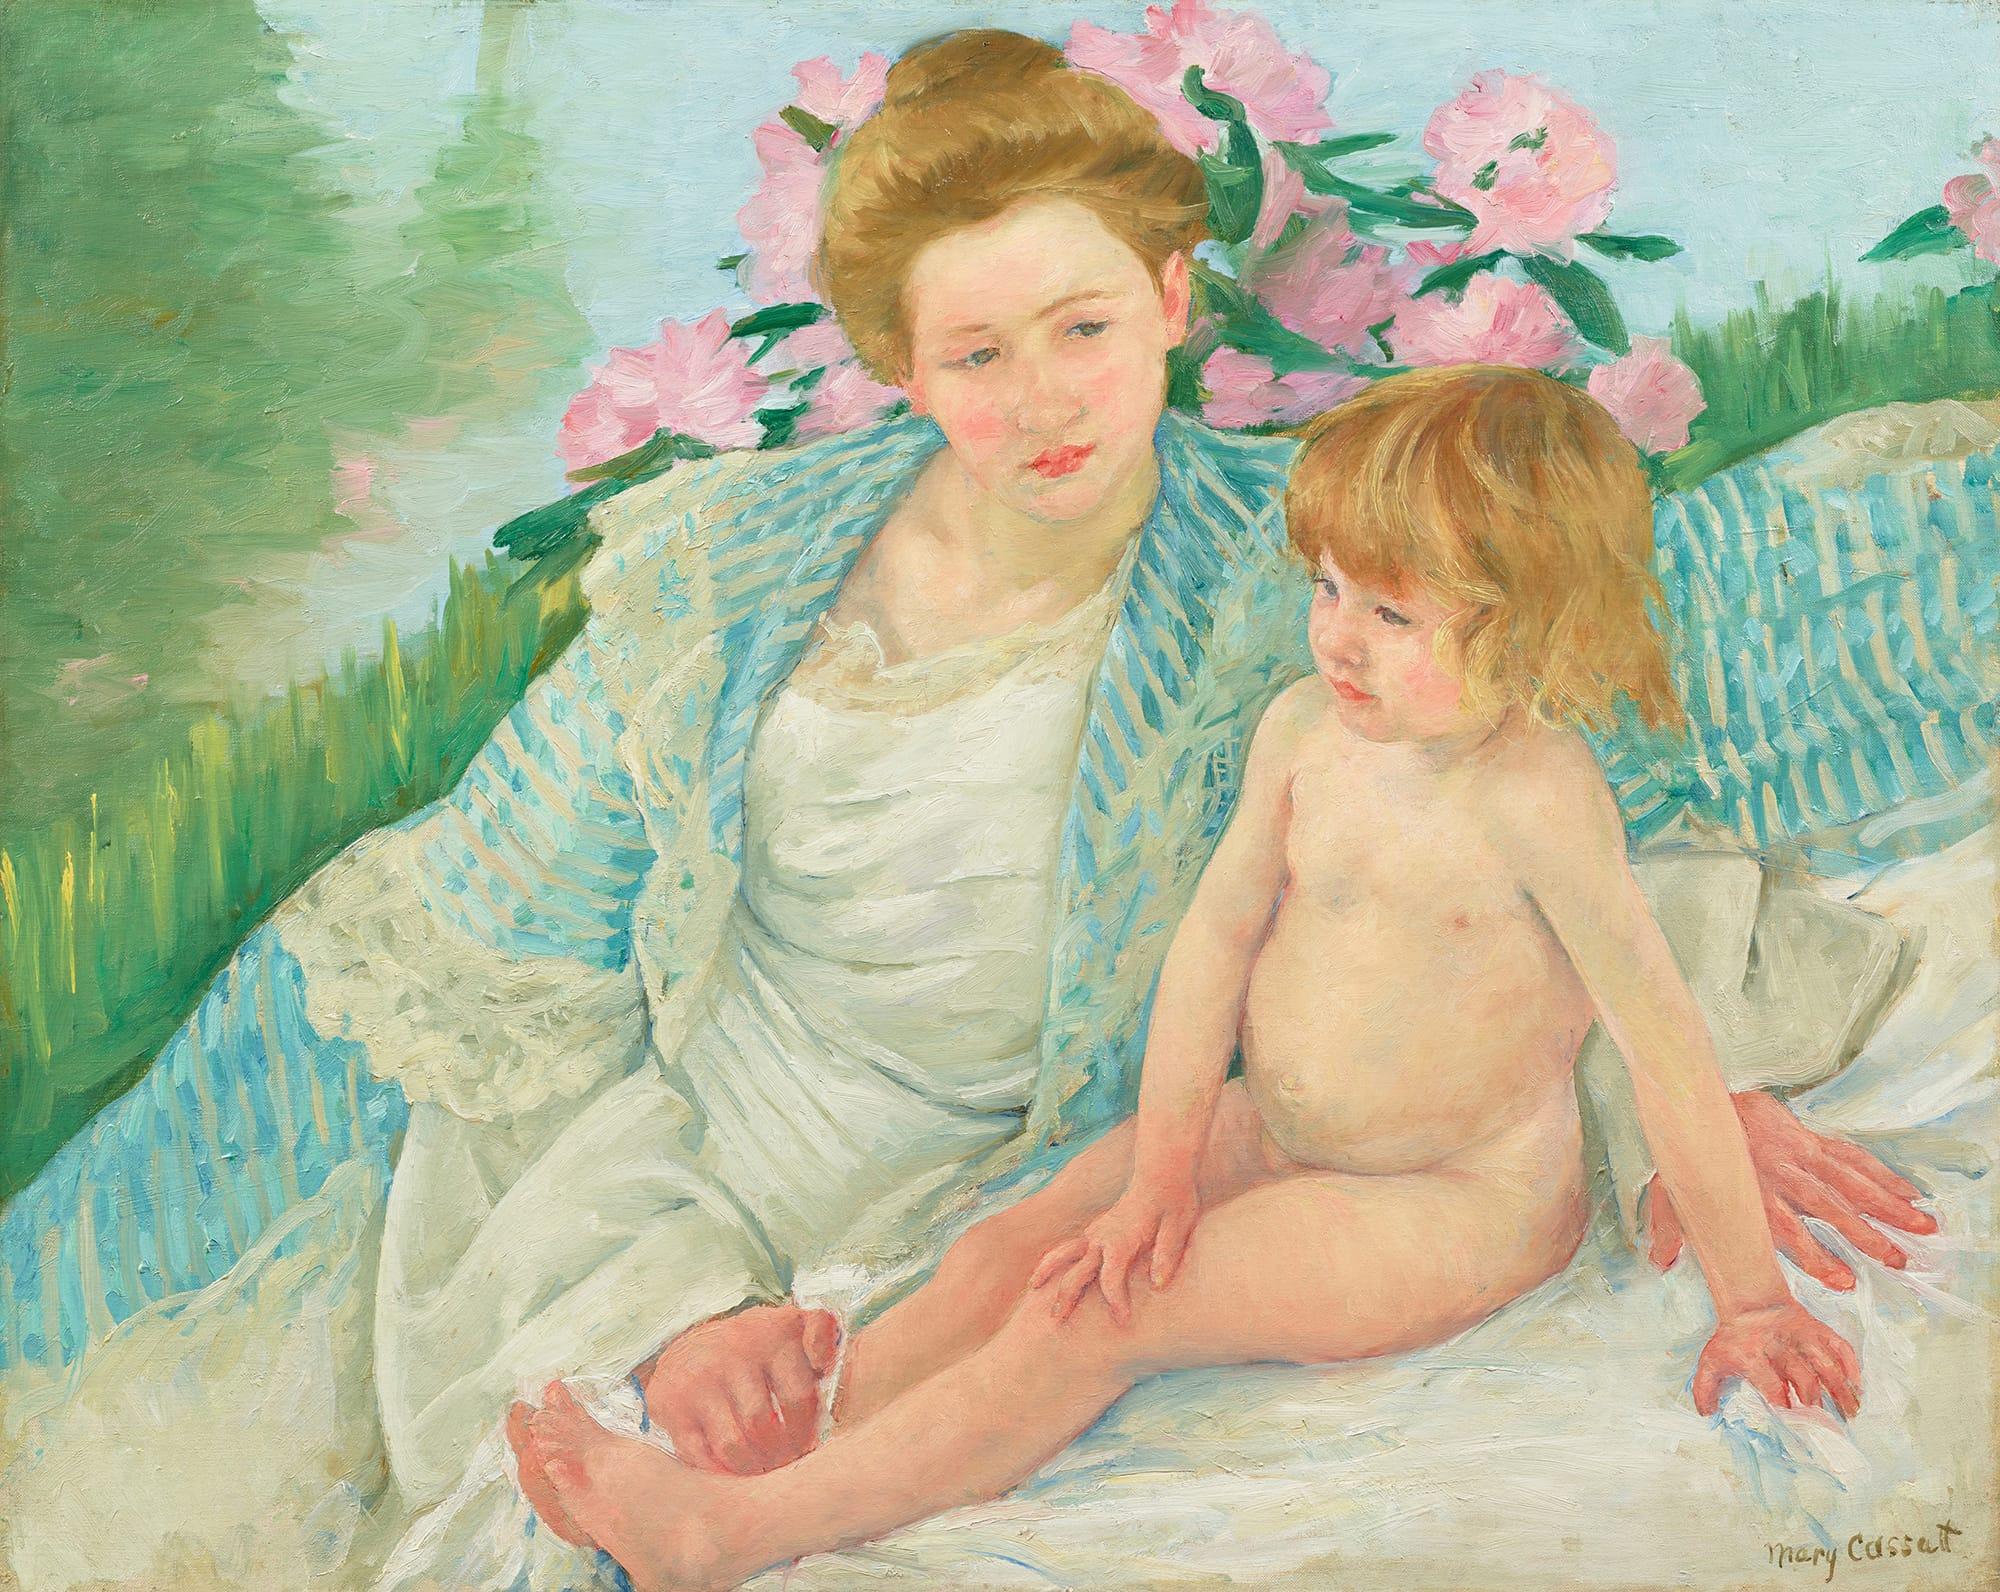 メアリー・カサット《日光浴(浴後)》1901年石橋財団アーティゾン美術館蔵(新収蔵作品)